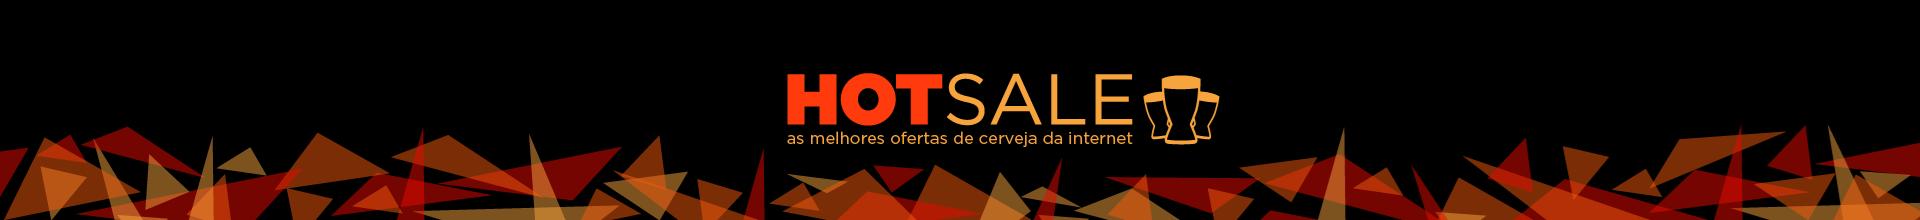 Beer Hot Sale